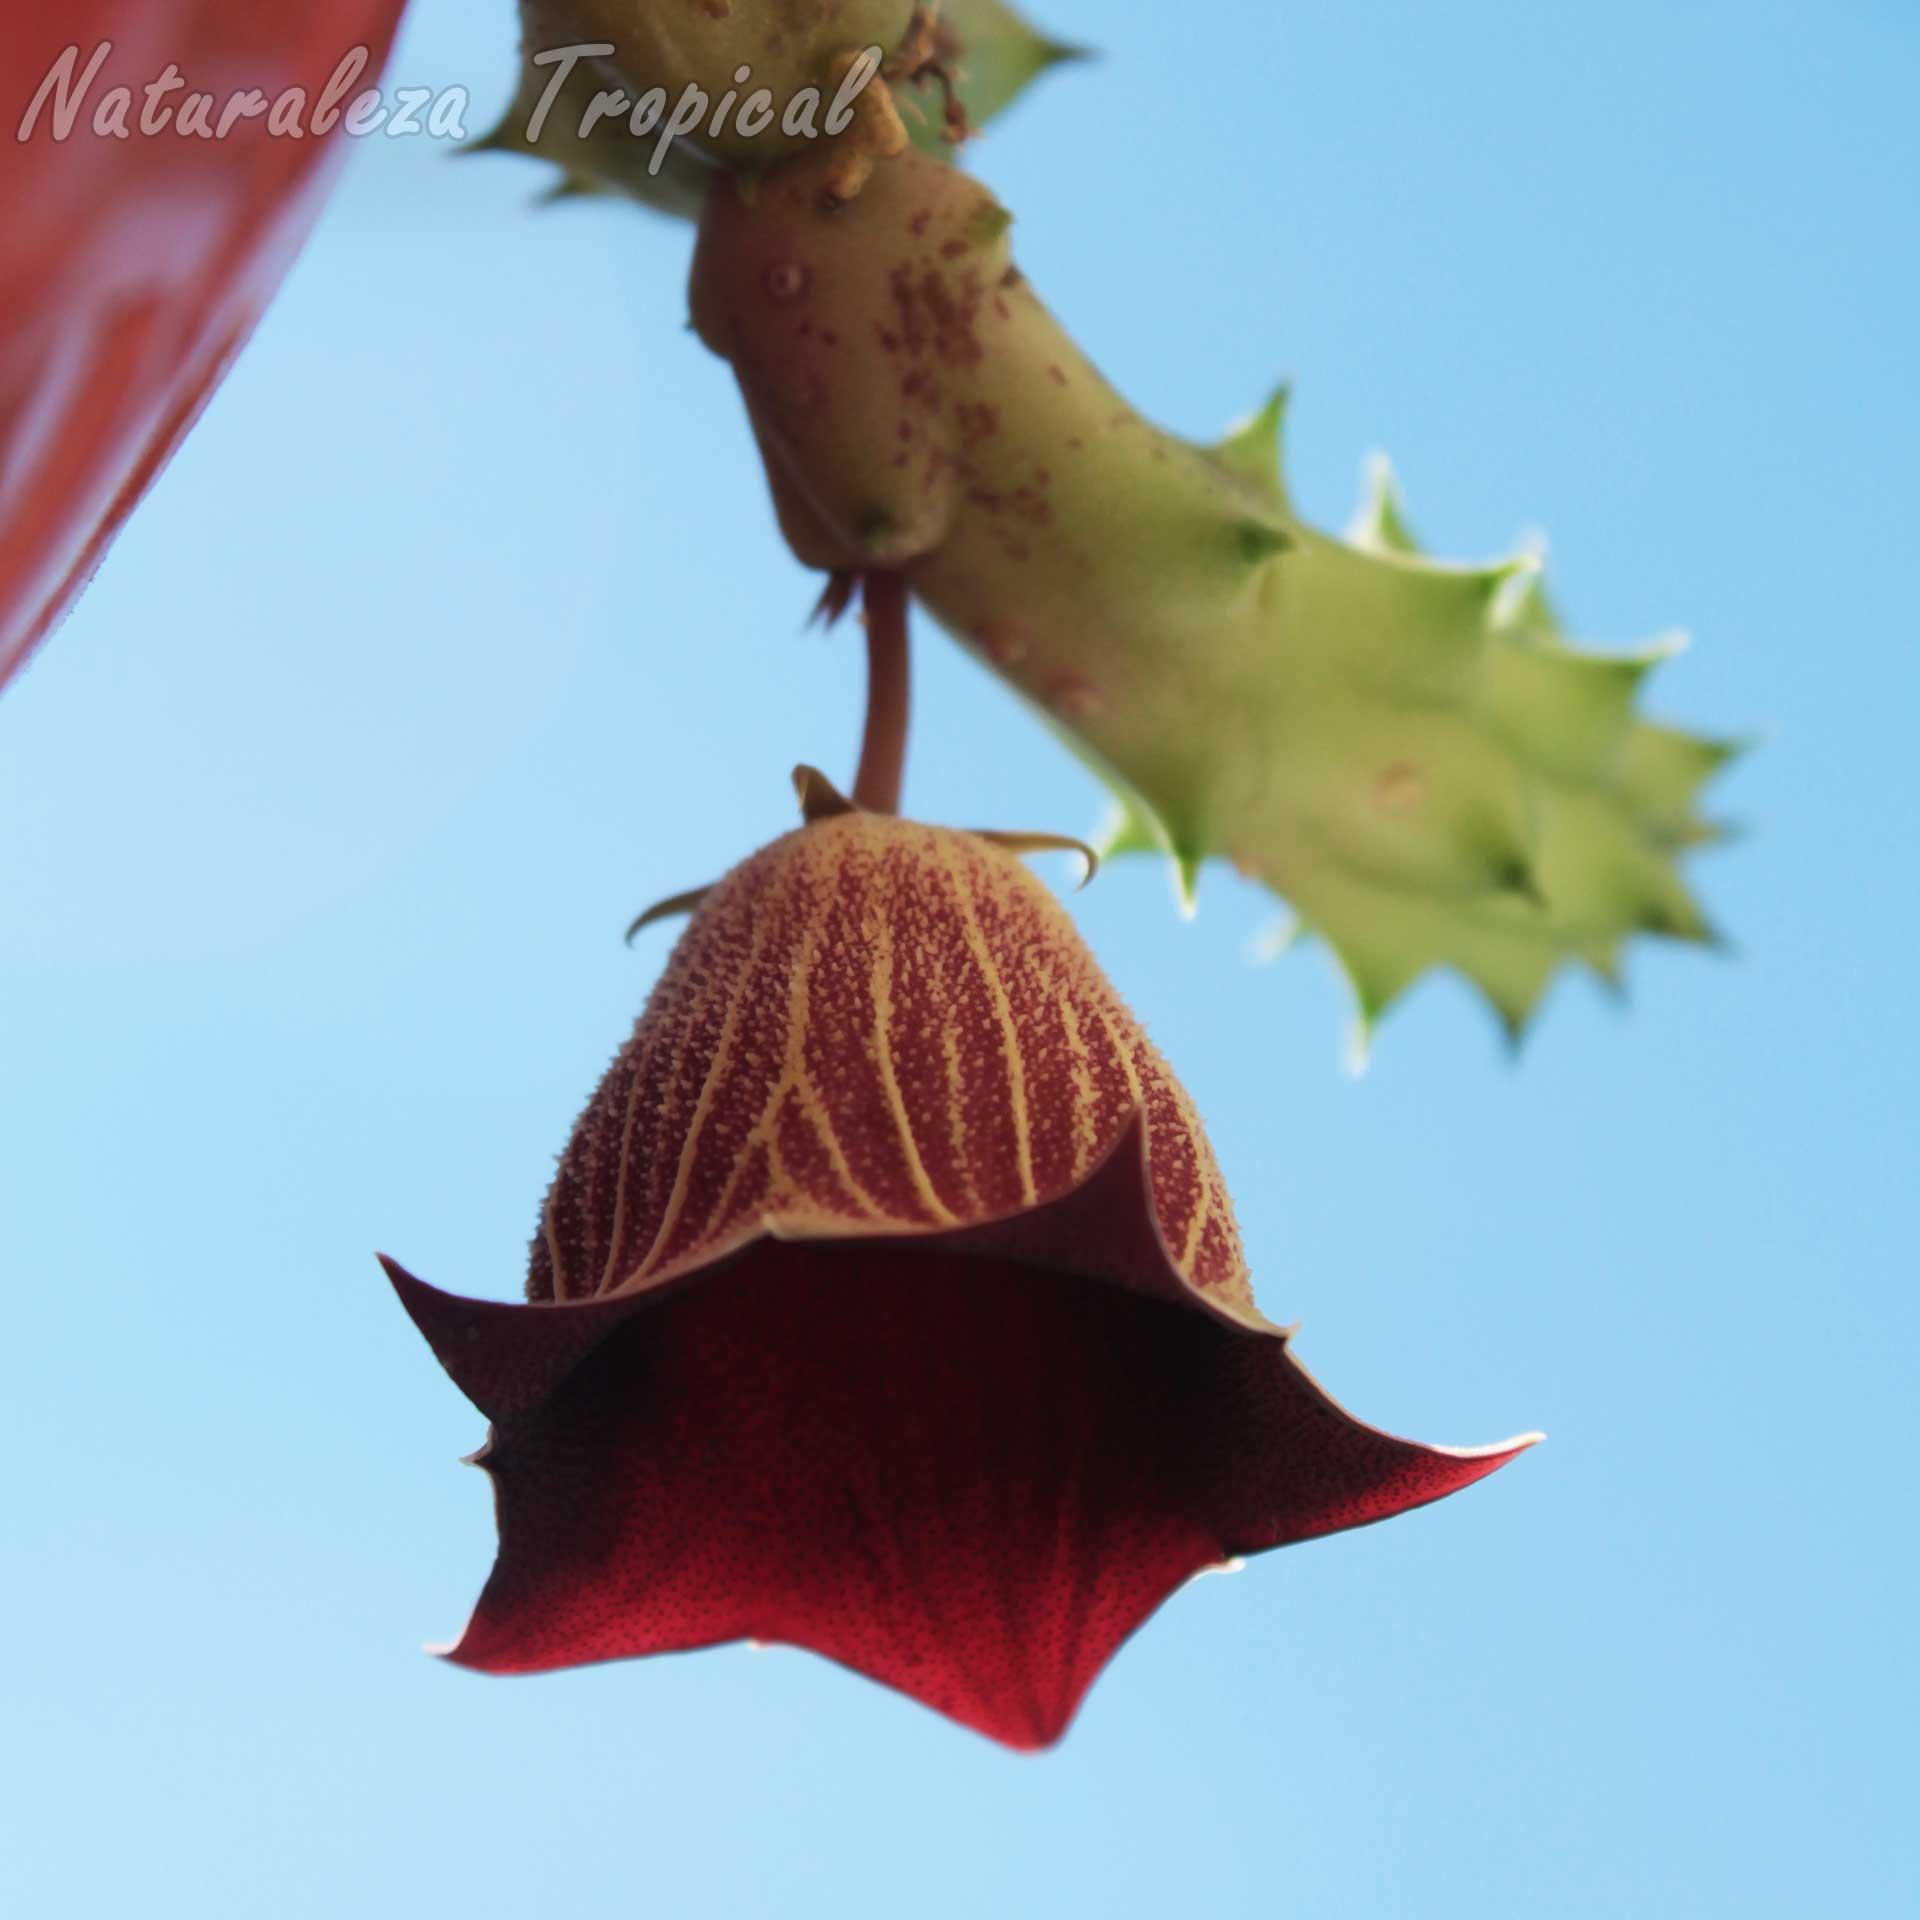 Vista de la flor y tallo de la planta suculenta Huernia keniensis var. nairobiensis